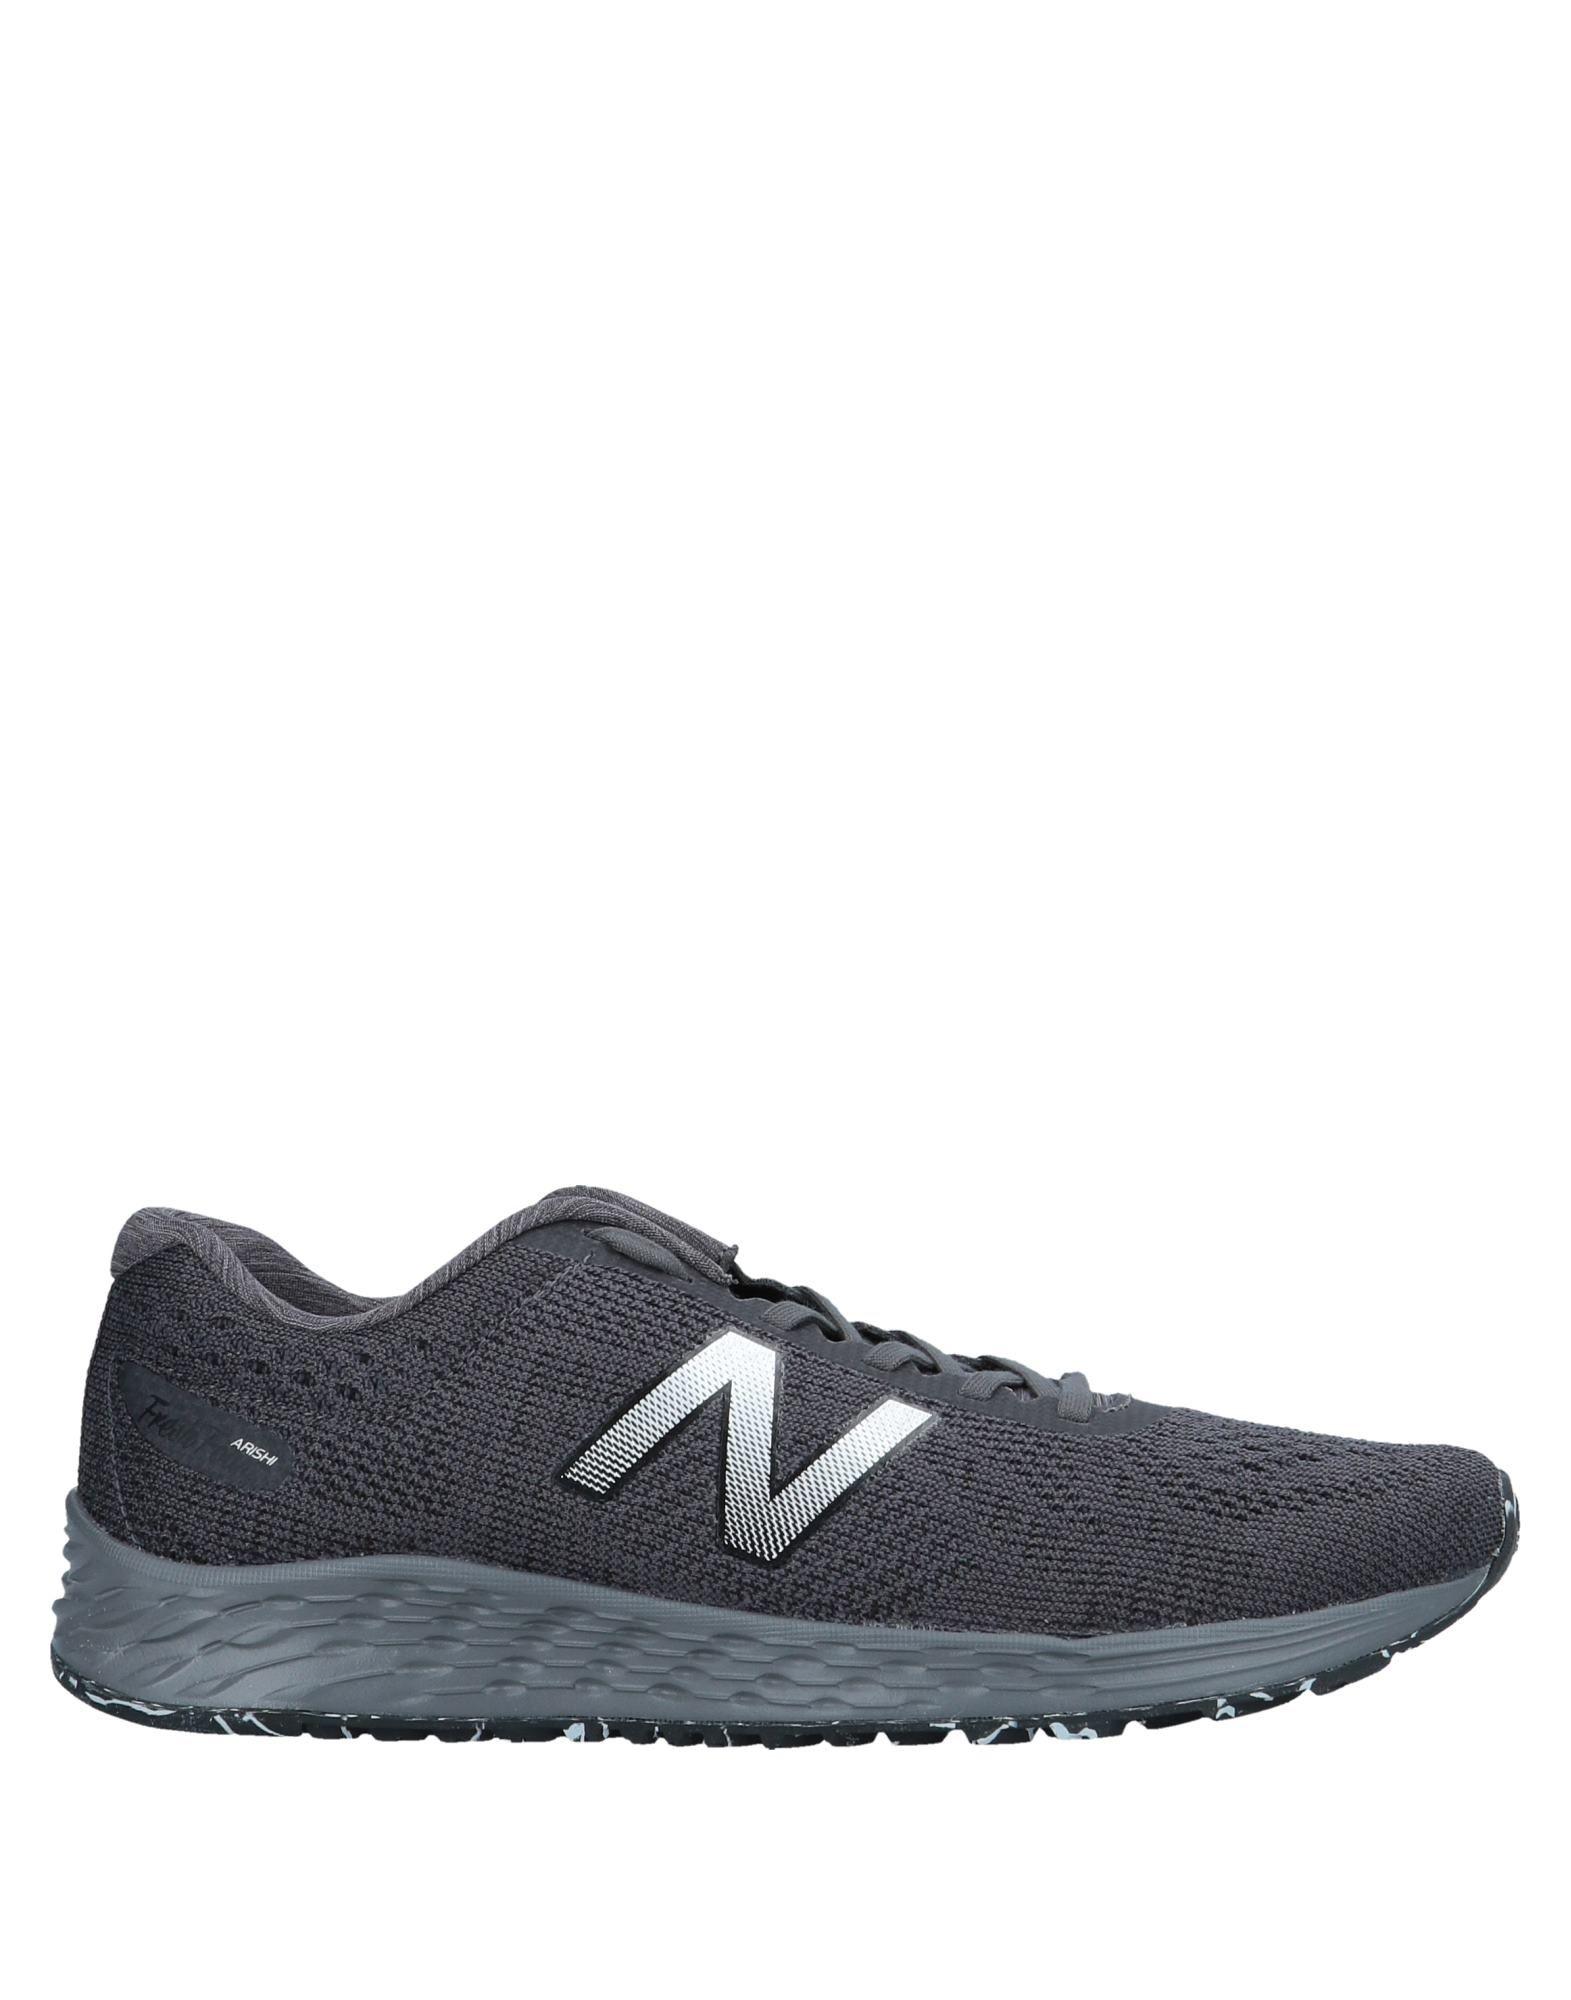 New New New Balance Sneakers Herren Gutes Preis-Leistungs-Verhältnis, es lohnt sich 1f182c